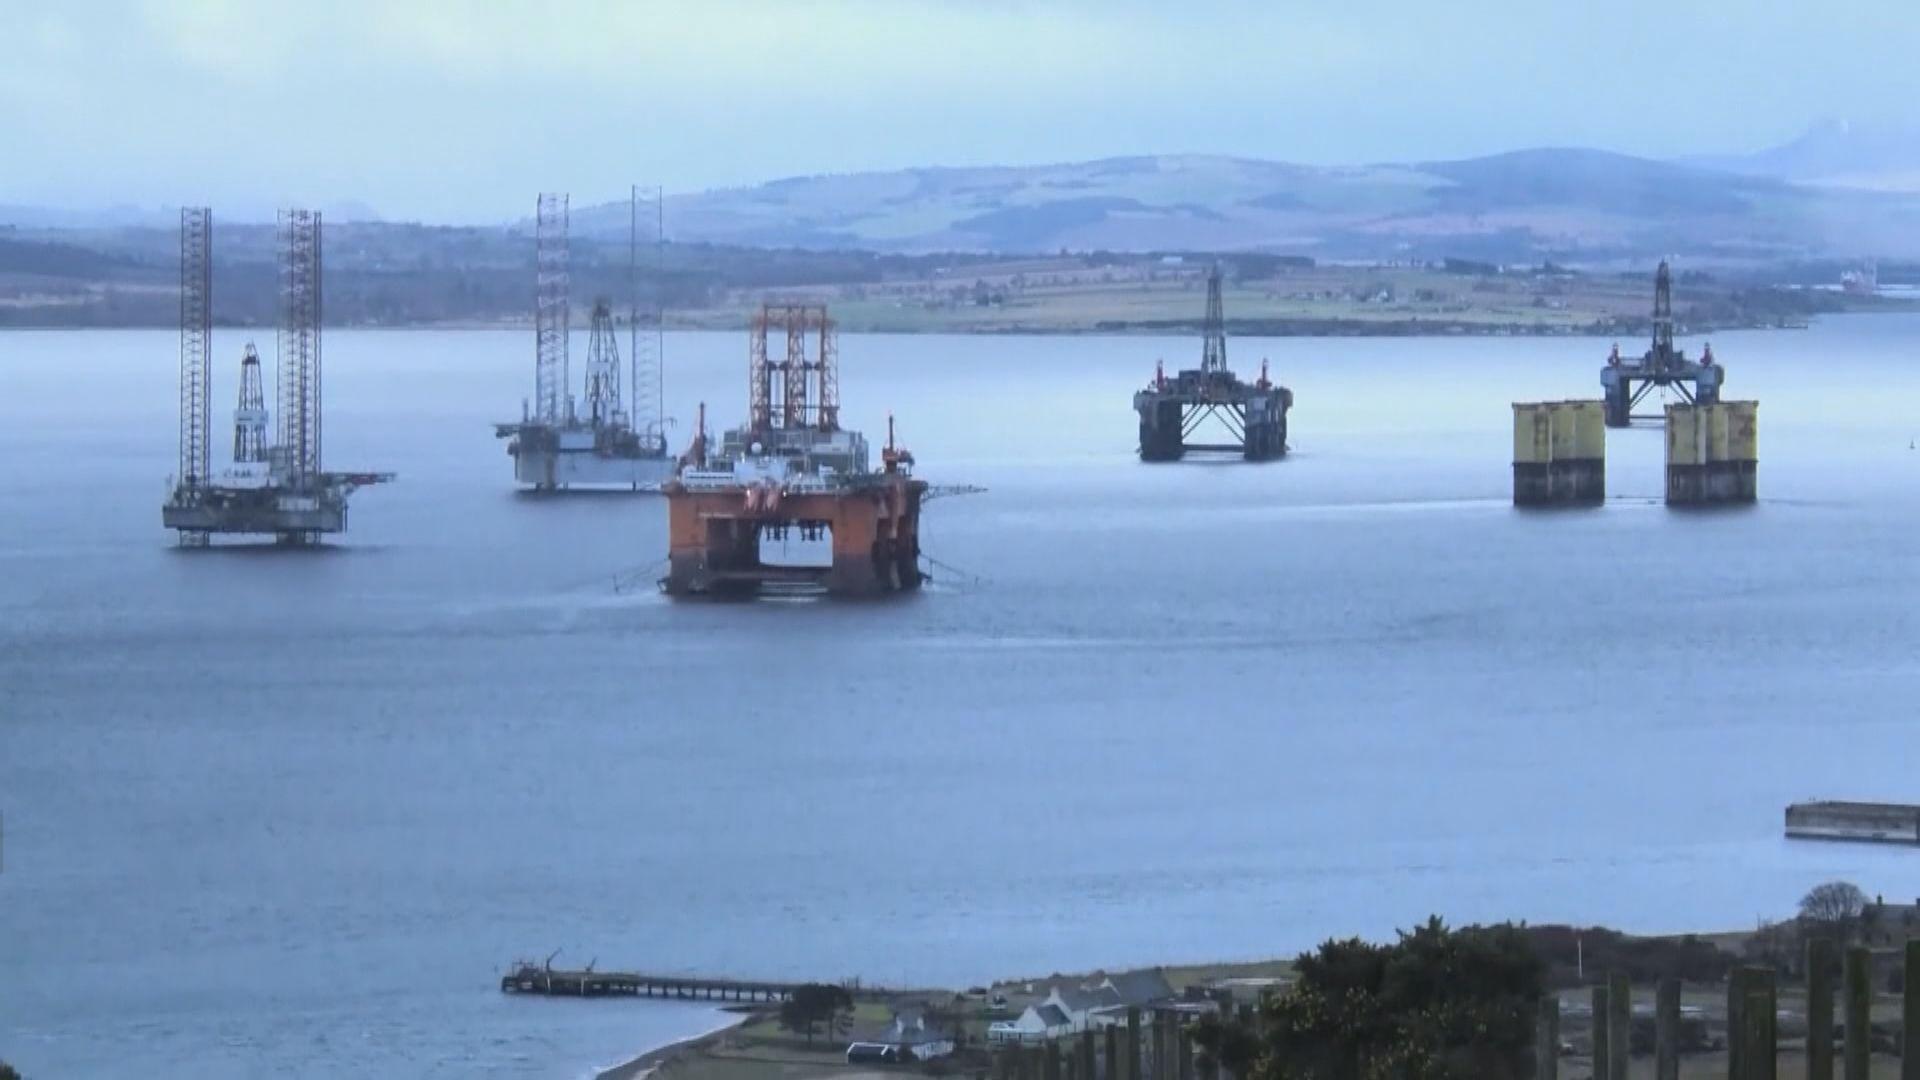 國際油價下跌 美國頁岩油公司申請破產保護